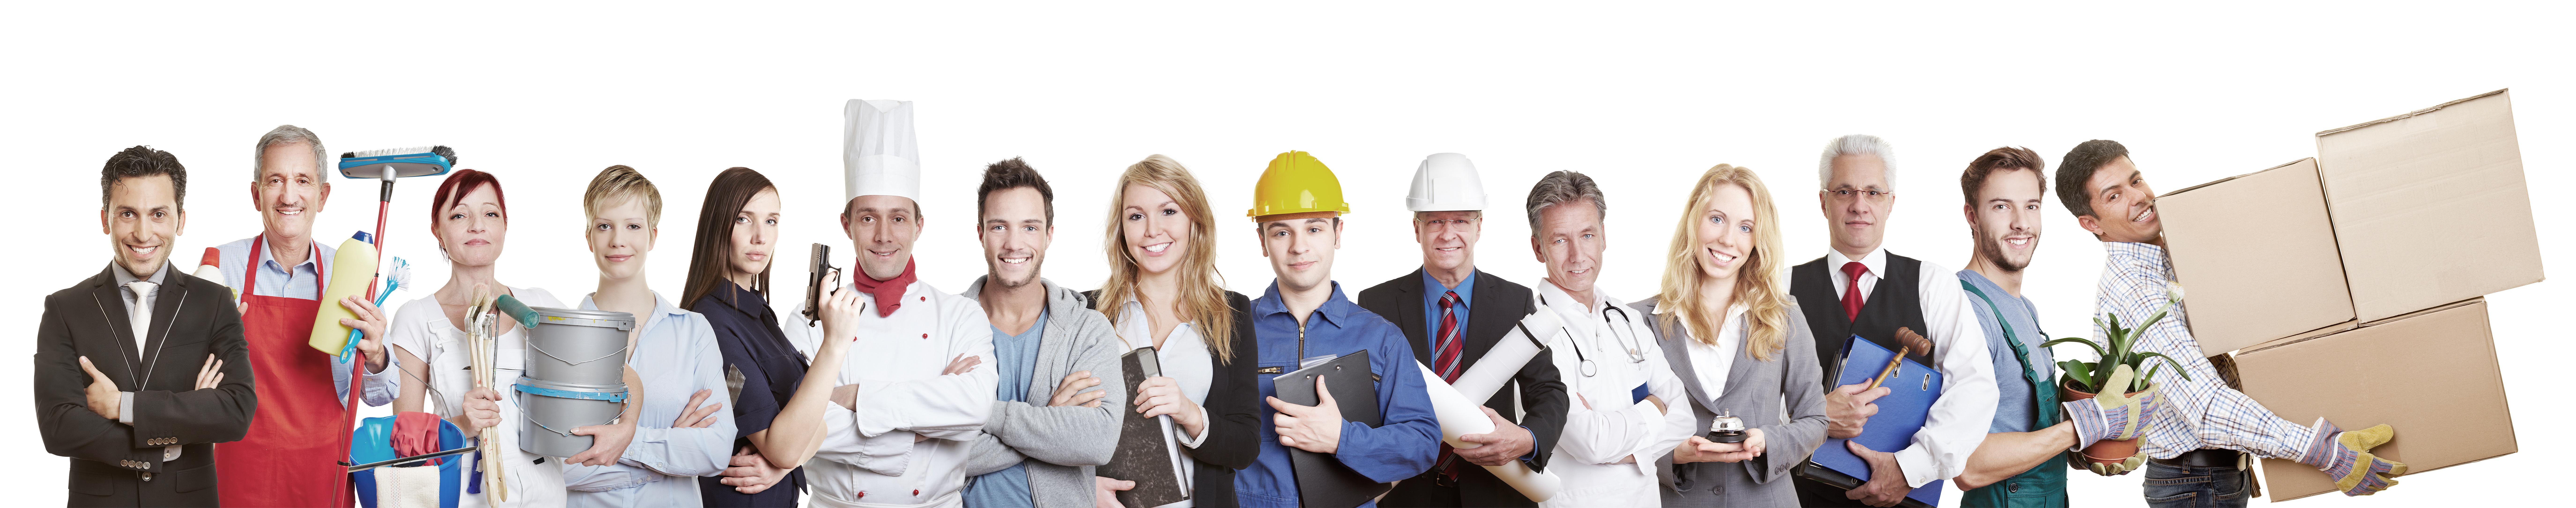 Panorama mit Gruppe von Leuten verschiedener Berufe